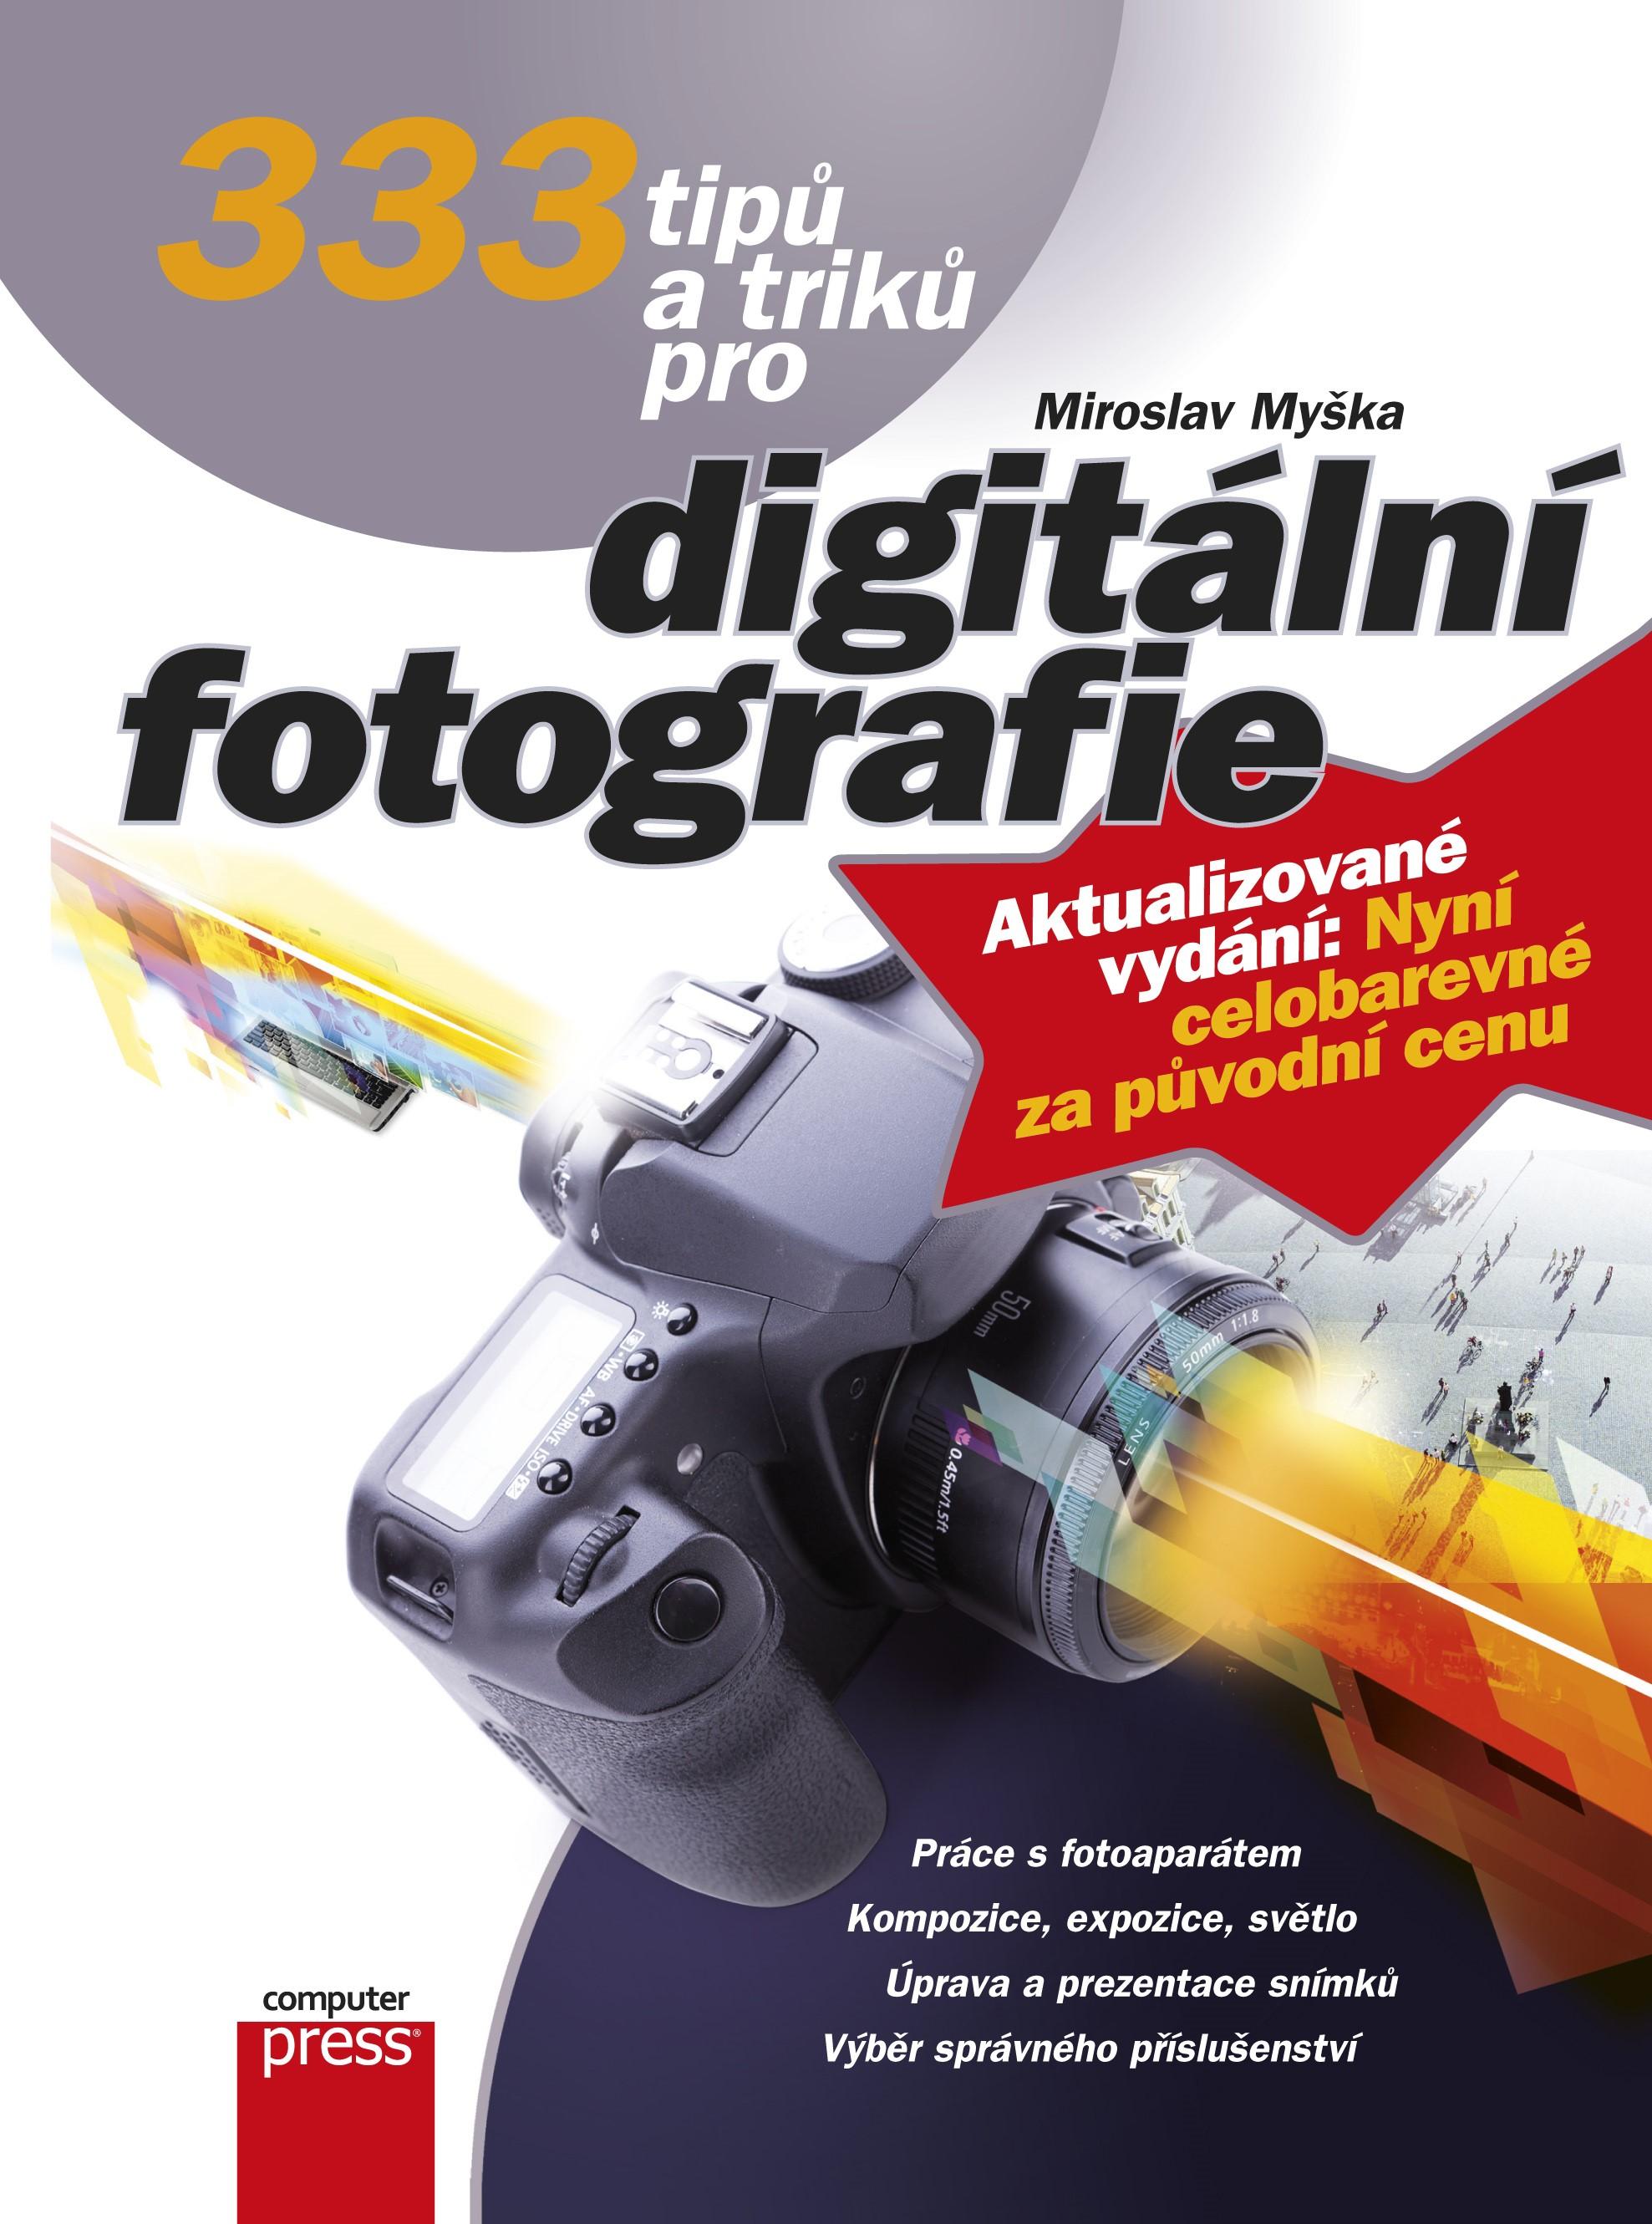 333 tipů a triků pro digitální fotografie | Miroslav Myška